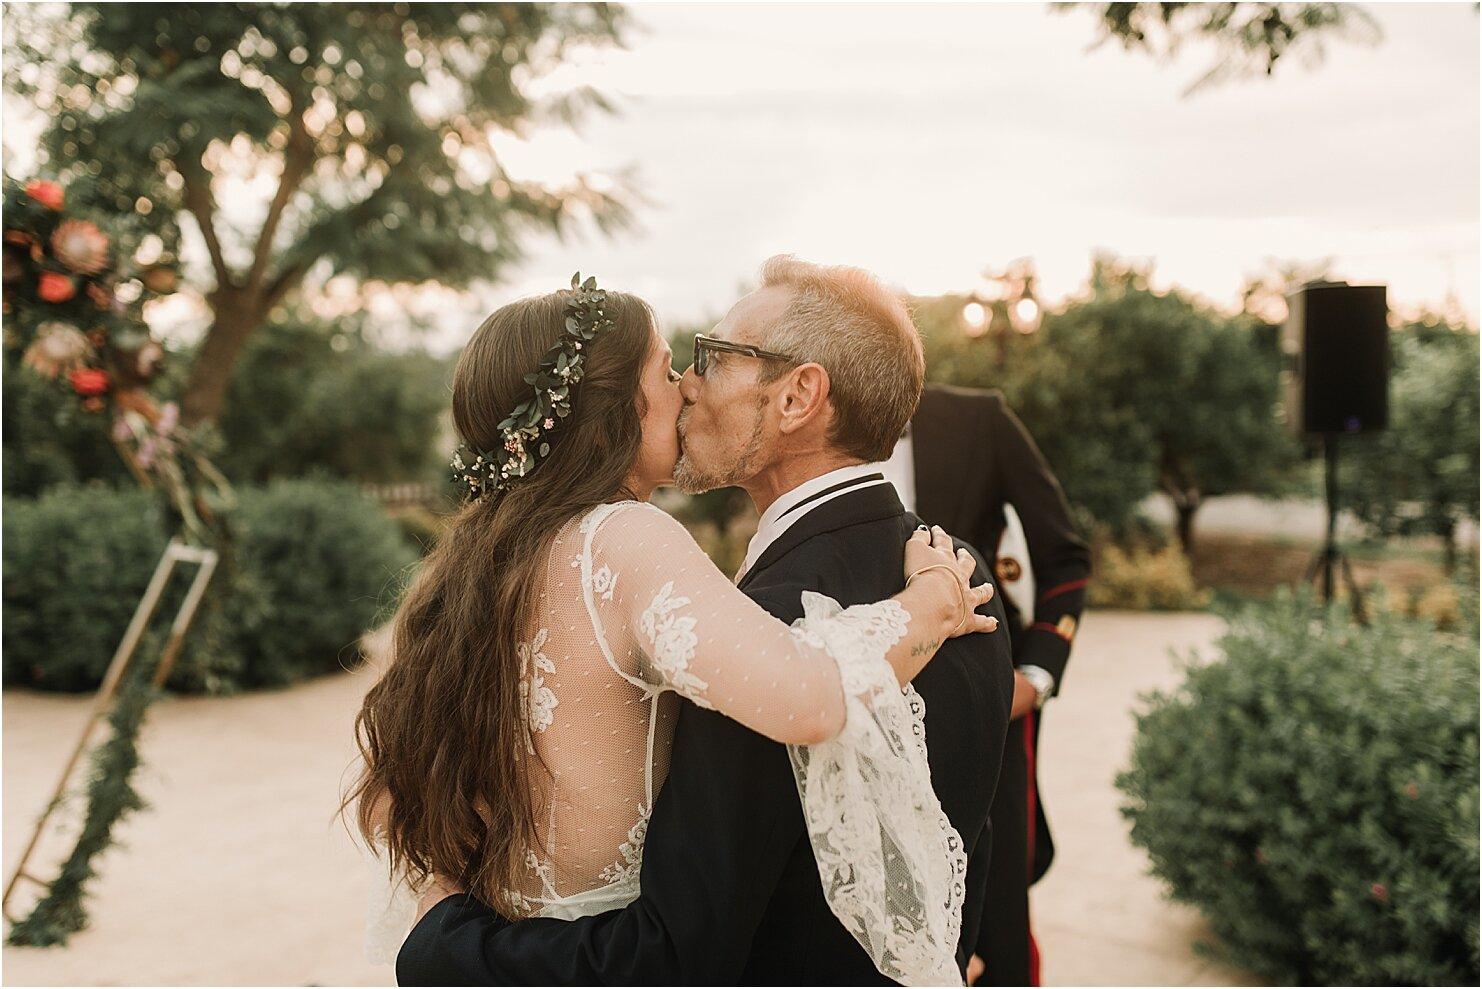 boda-romantica-boda-boho-vestido-de-novia-laura-lomas18.jpg